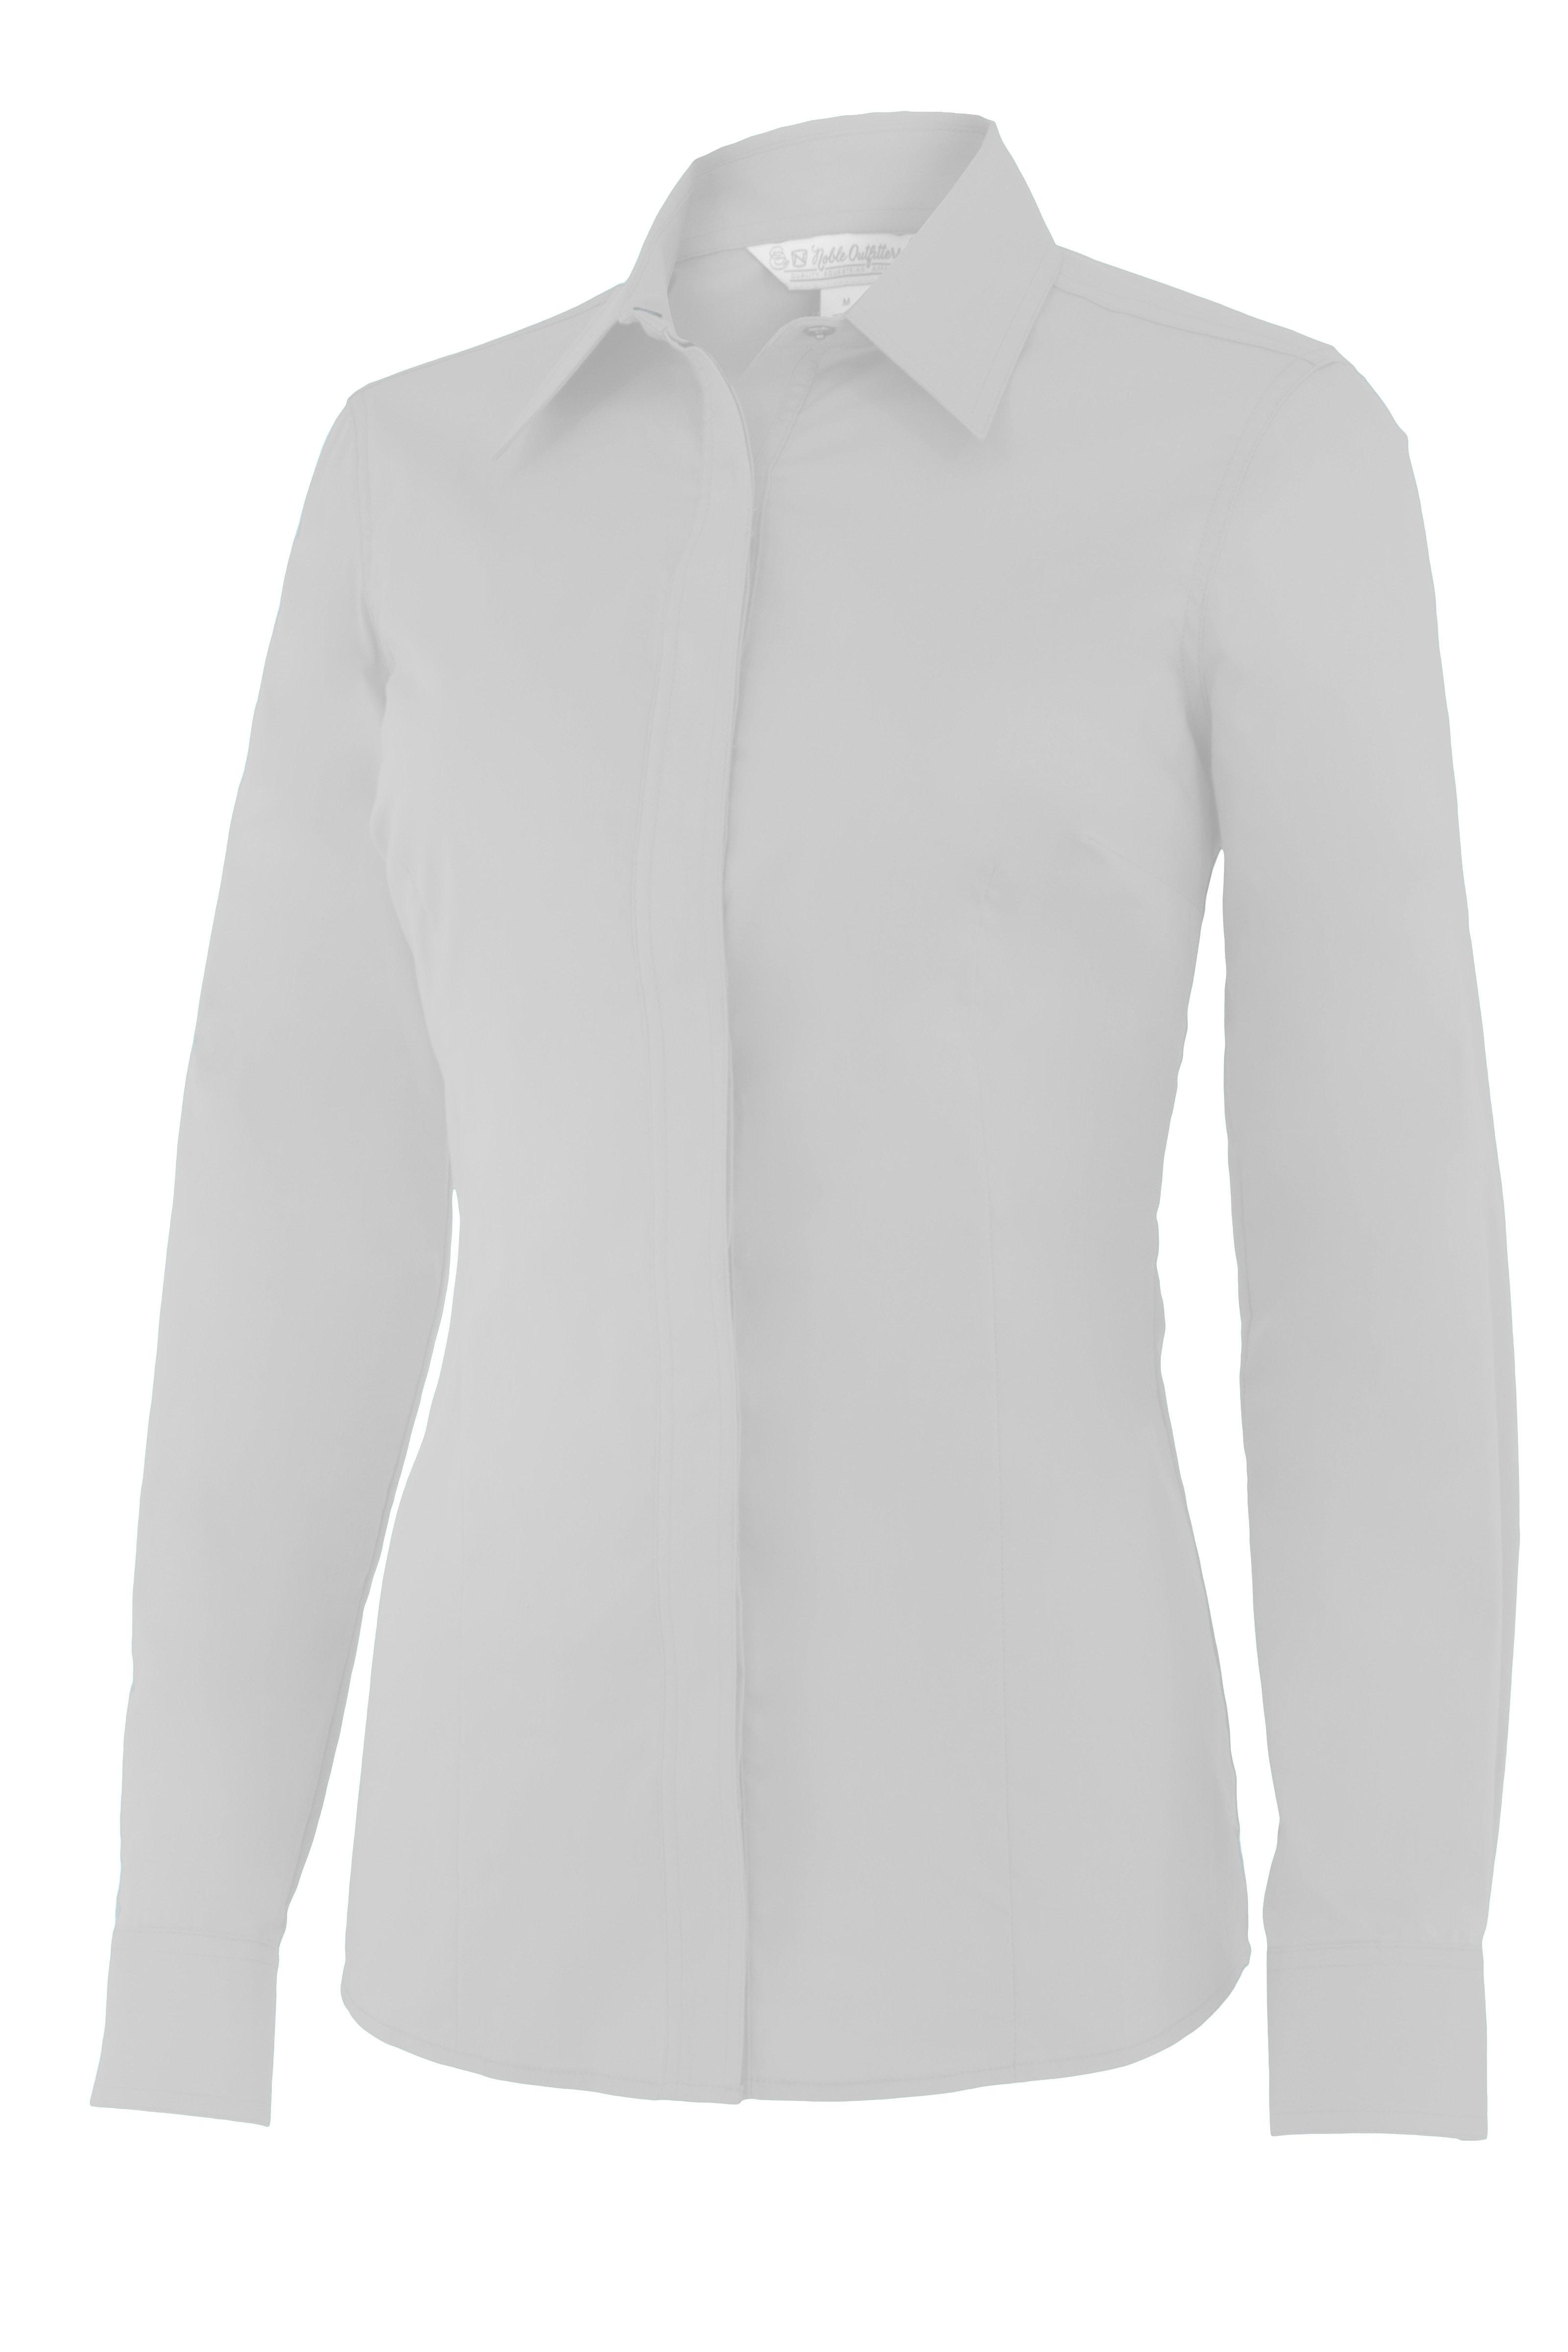 Noble Perfect Fit Show Shirt Large White ZPHEXS24D41EM